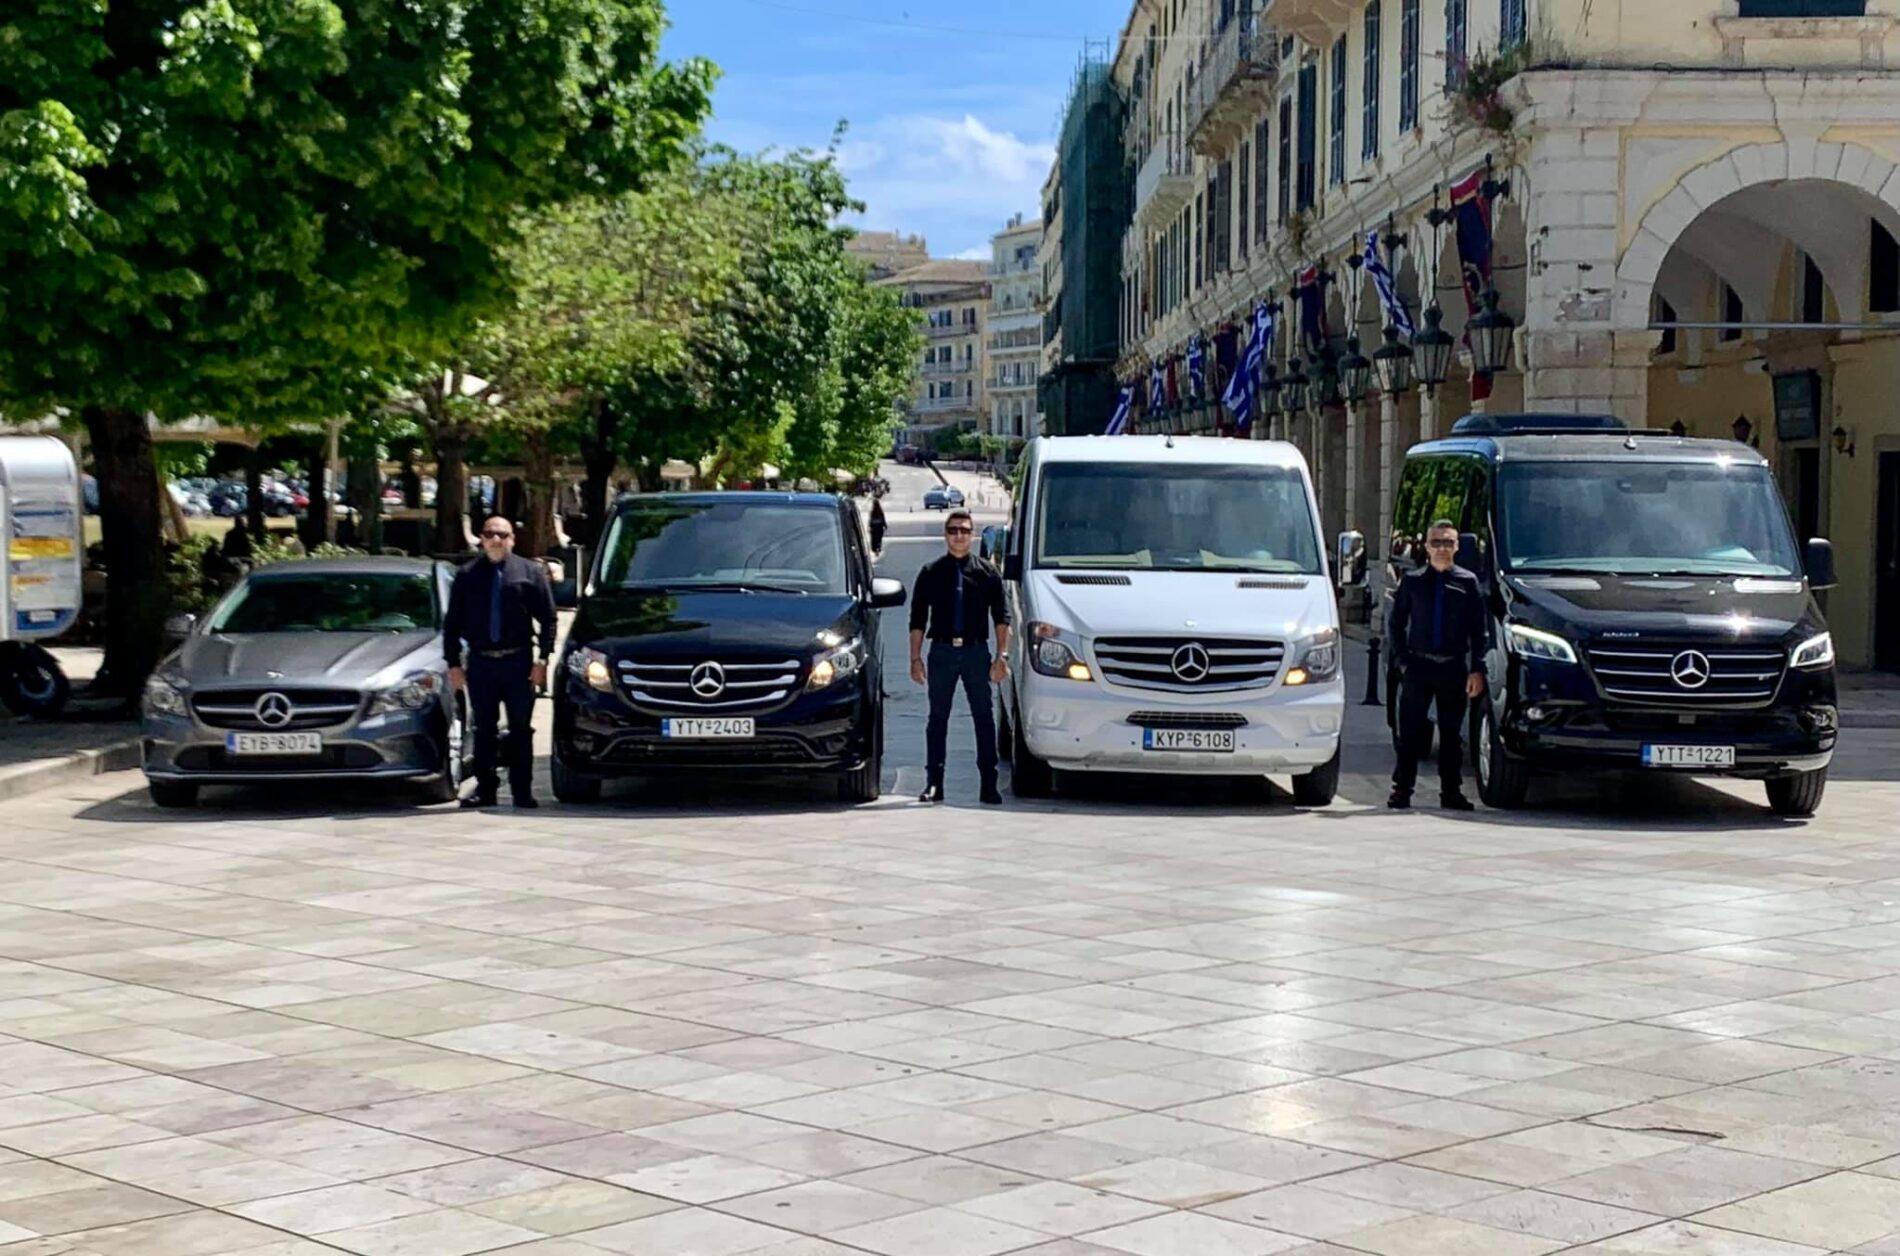 Corfu Elite Travel mykerkyra.com transfers tours